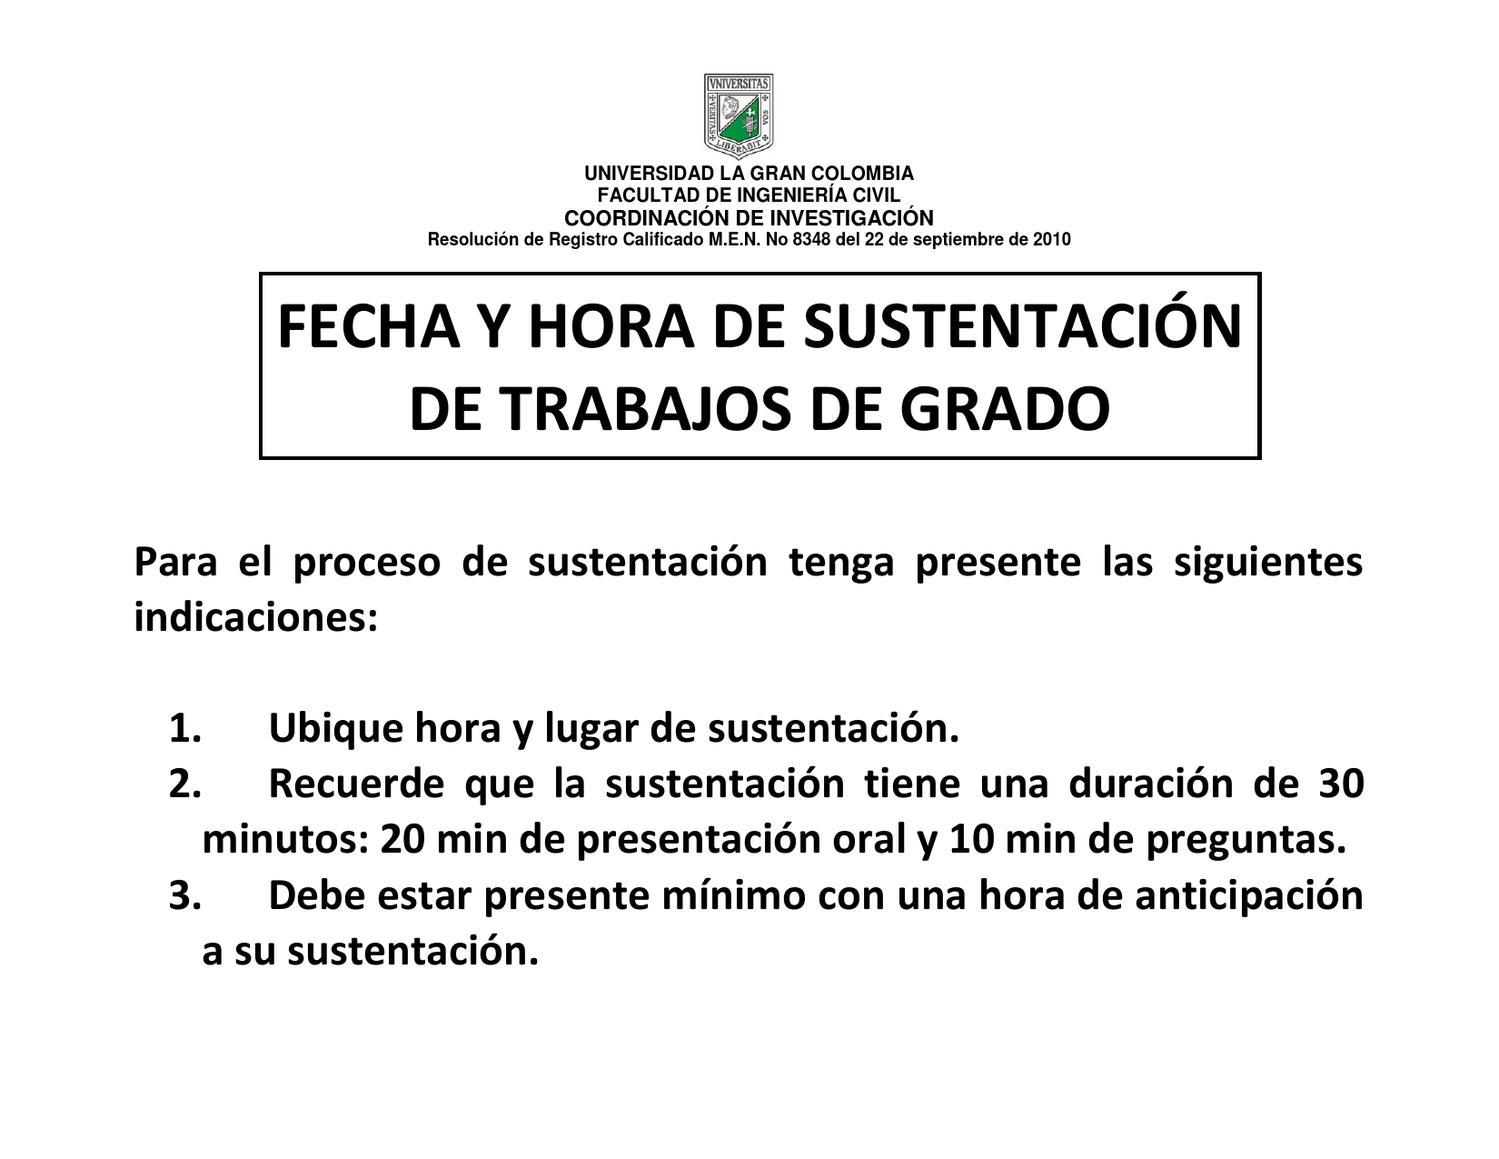 Horarios de sustentaci n trabajos de grado 2013 i by for Horario oficina ing mostoles